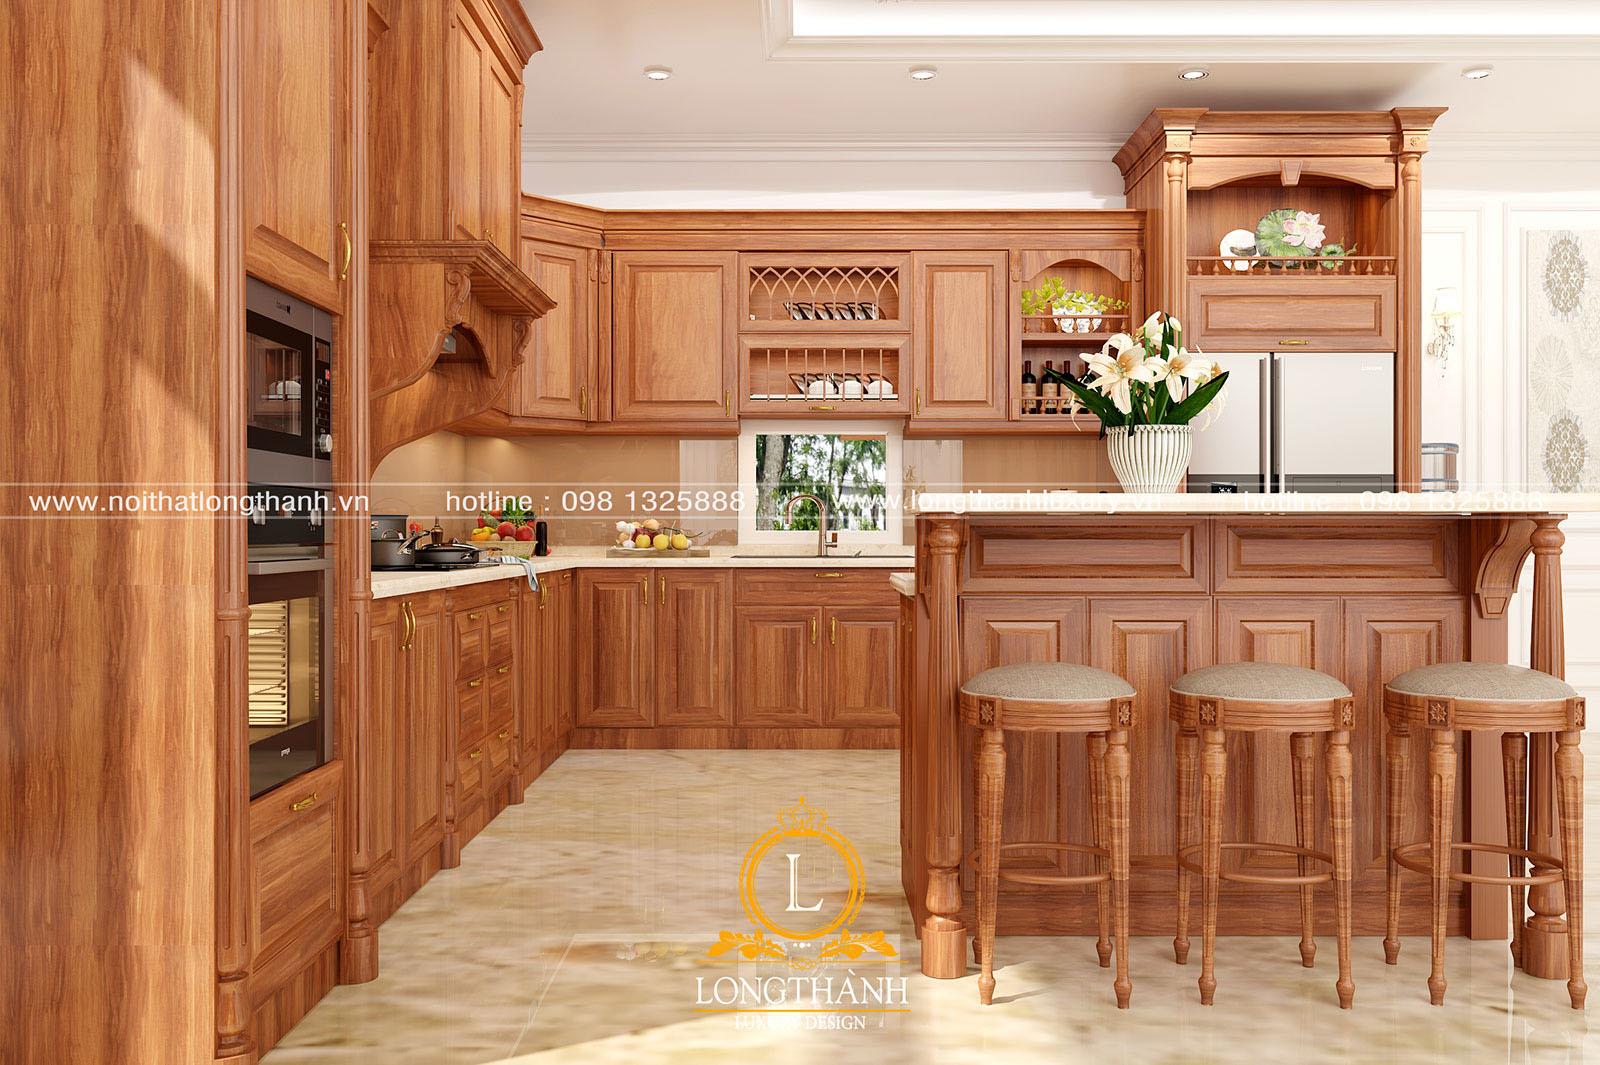 Không gian tủ bếp gỗ Gõ đỏ ấn tượng